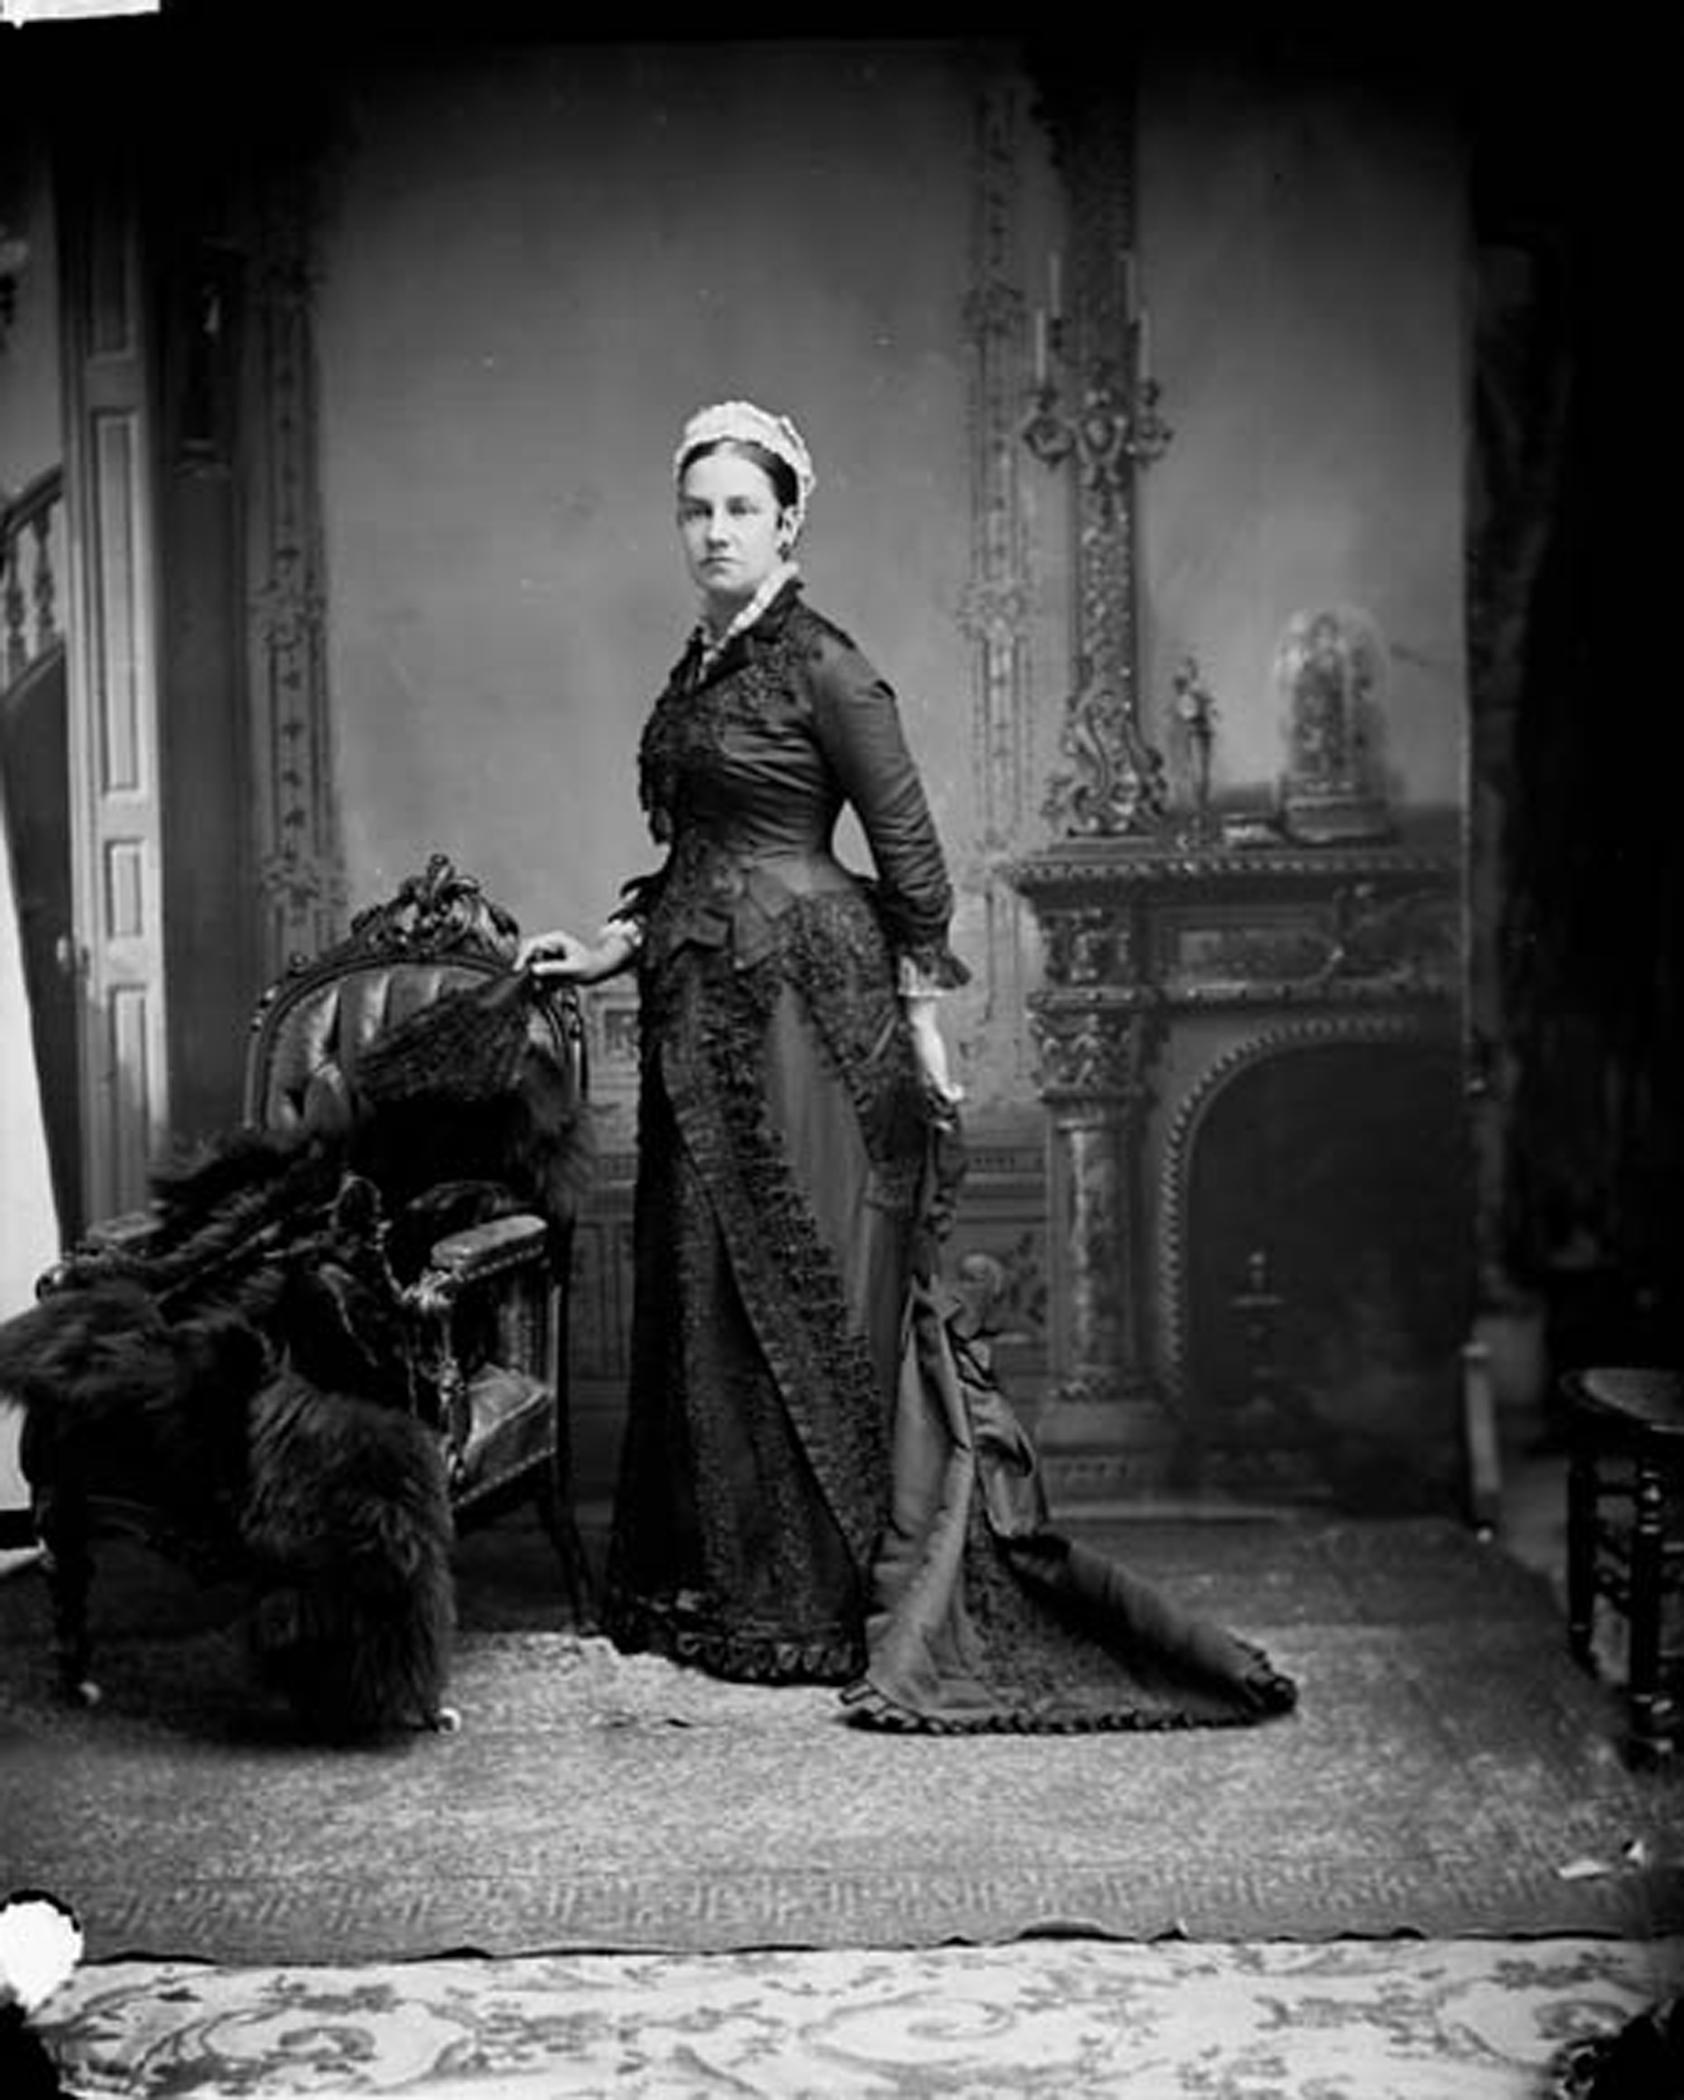 Photo noir et blanc d'une femme (Lady Agnes Macdonald) vêtue d'une longue robe noire, se tenant debout devant un foyer, à côté d'une chaise sur laquelle est déposé un manteau de fourrure.